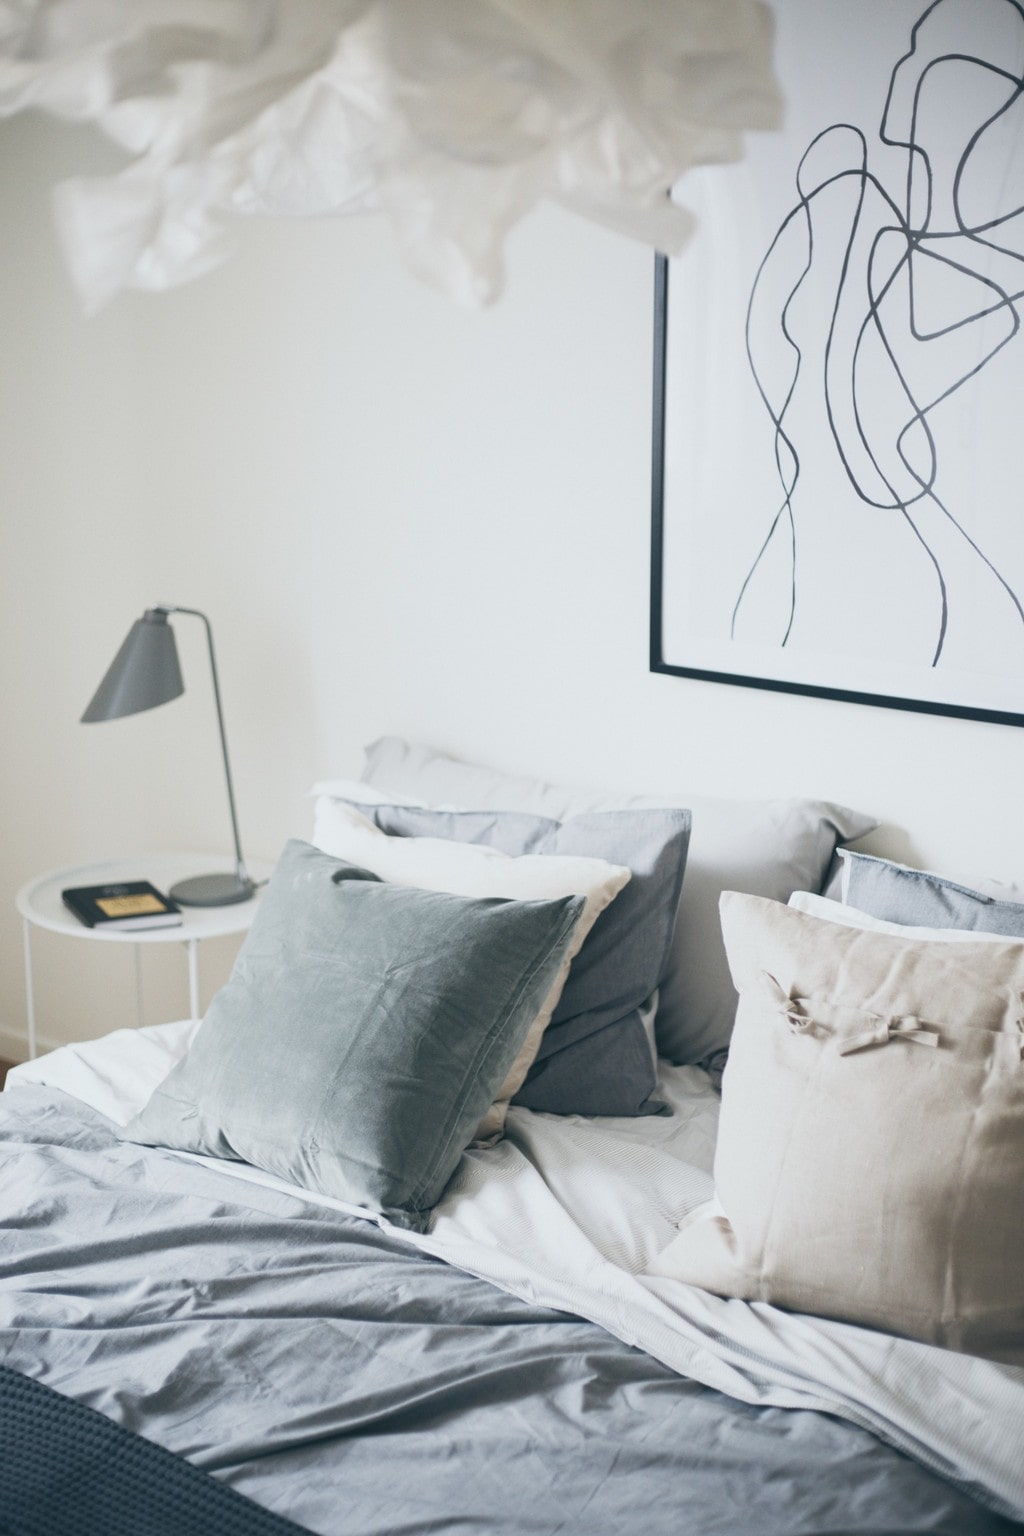 bäddad säng med flera kuddar i ljusa färger